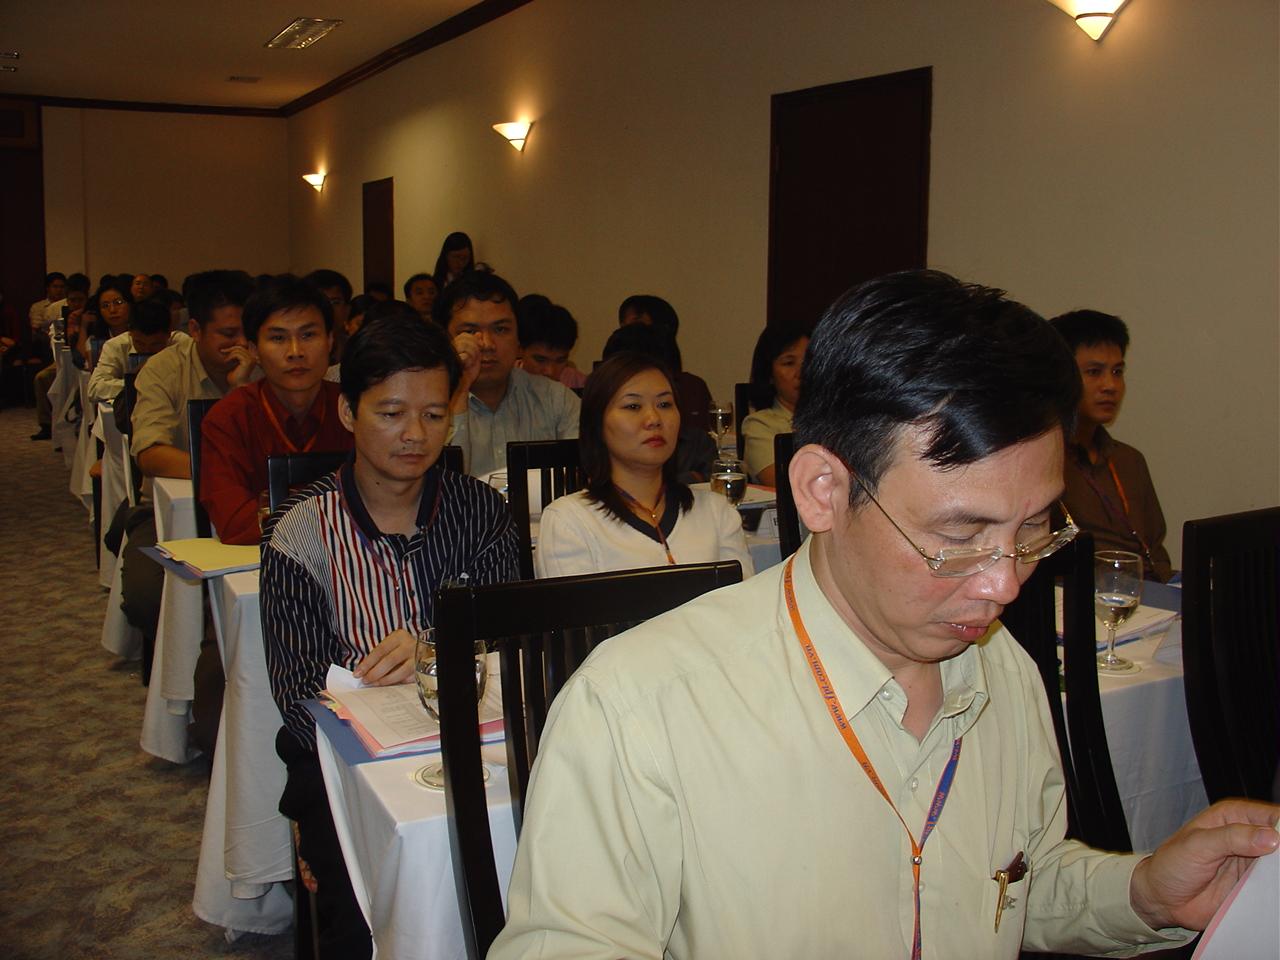 Tổng biên tập VnExpress Thang Đức Thắng nói với anh Tùng, trong các hướng đề xuất thì sáng kiến về đại học là sáng giá nhất.